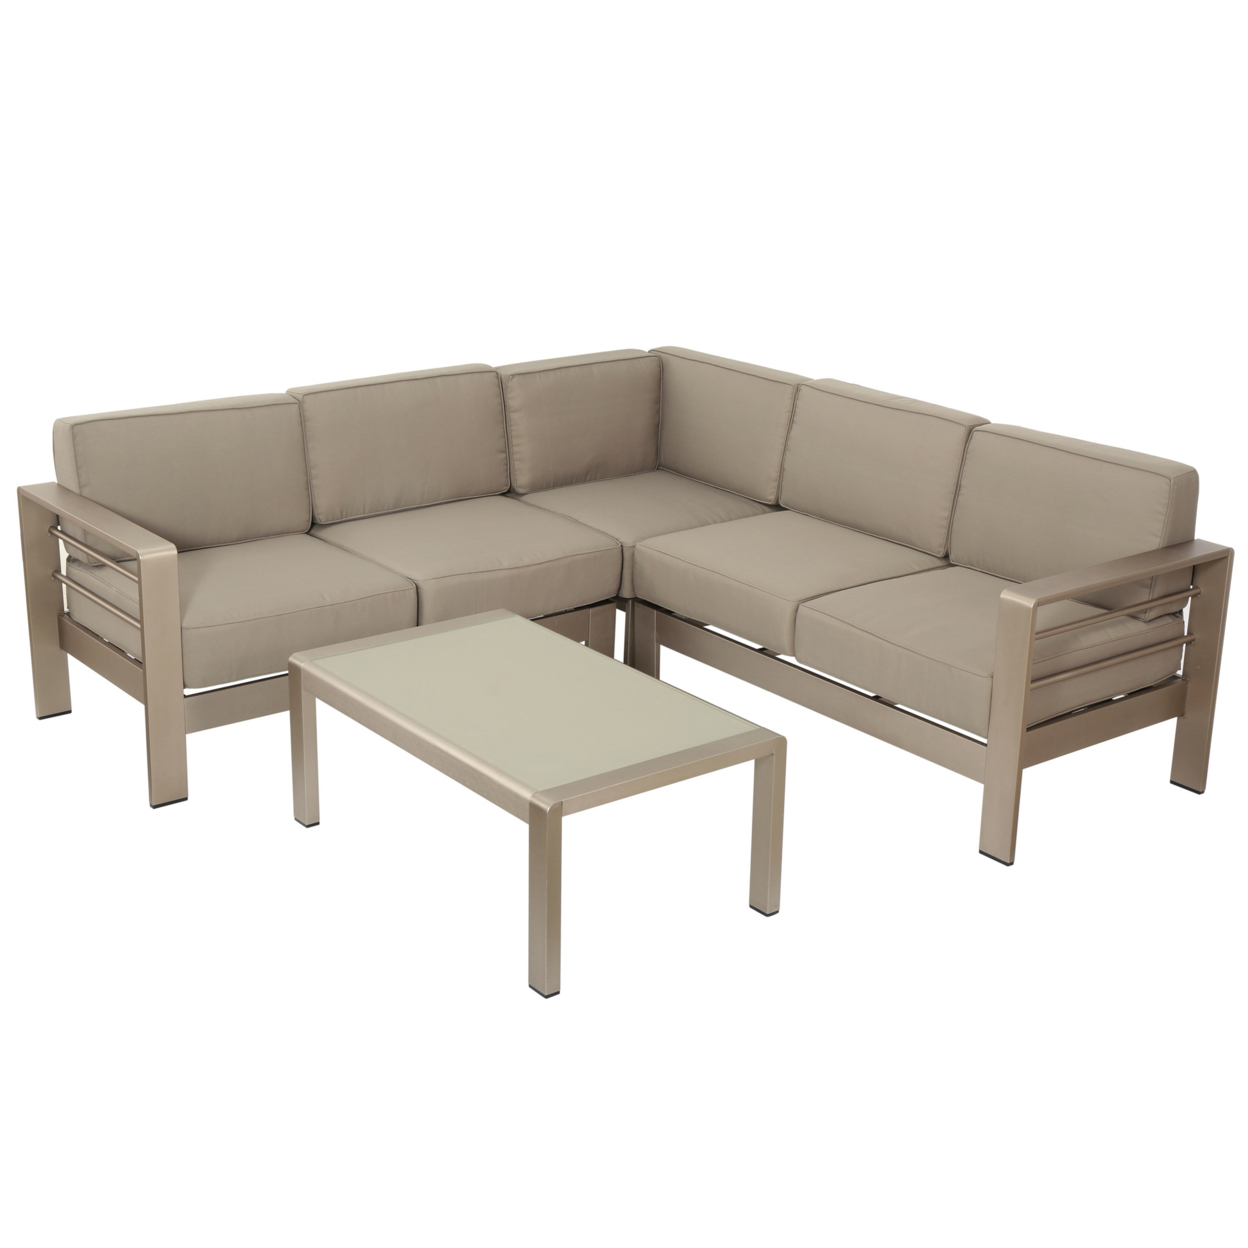 Safira Khaki Fabric Indoor 4 Piece Sectional Sofa Set